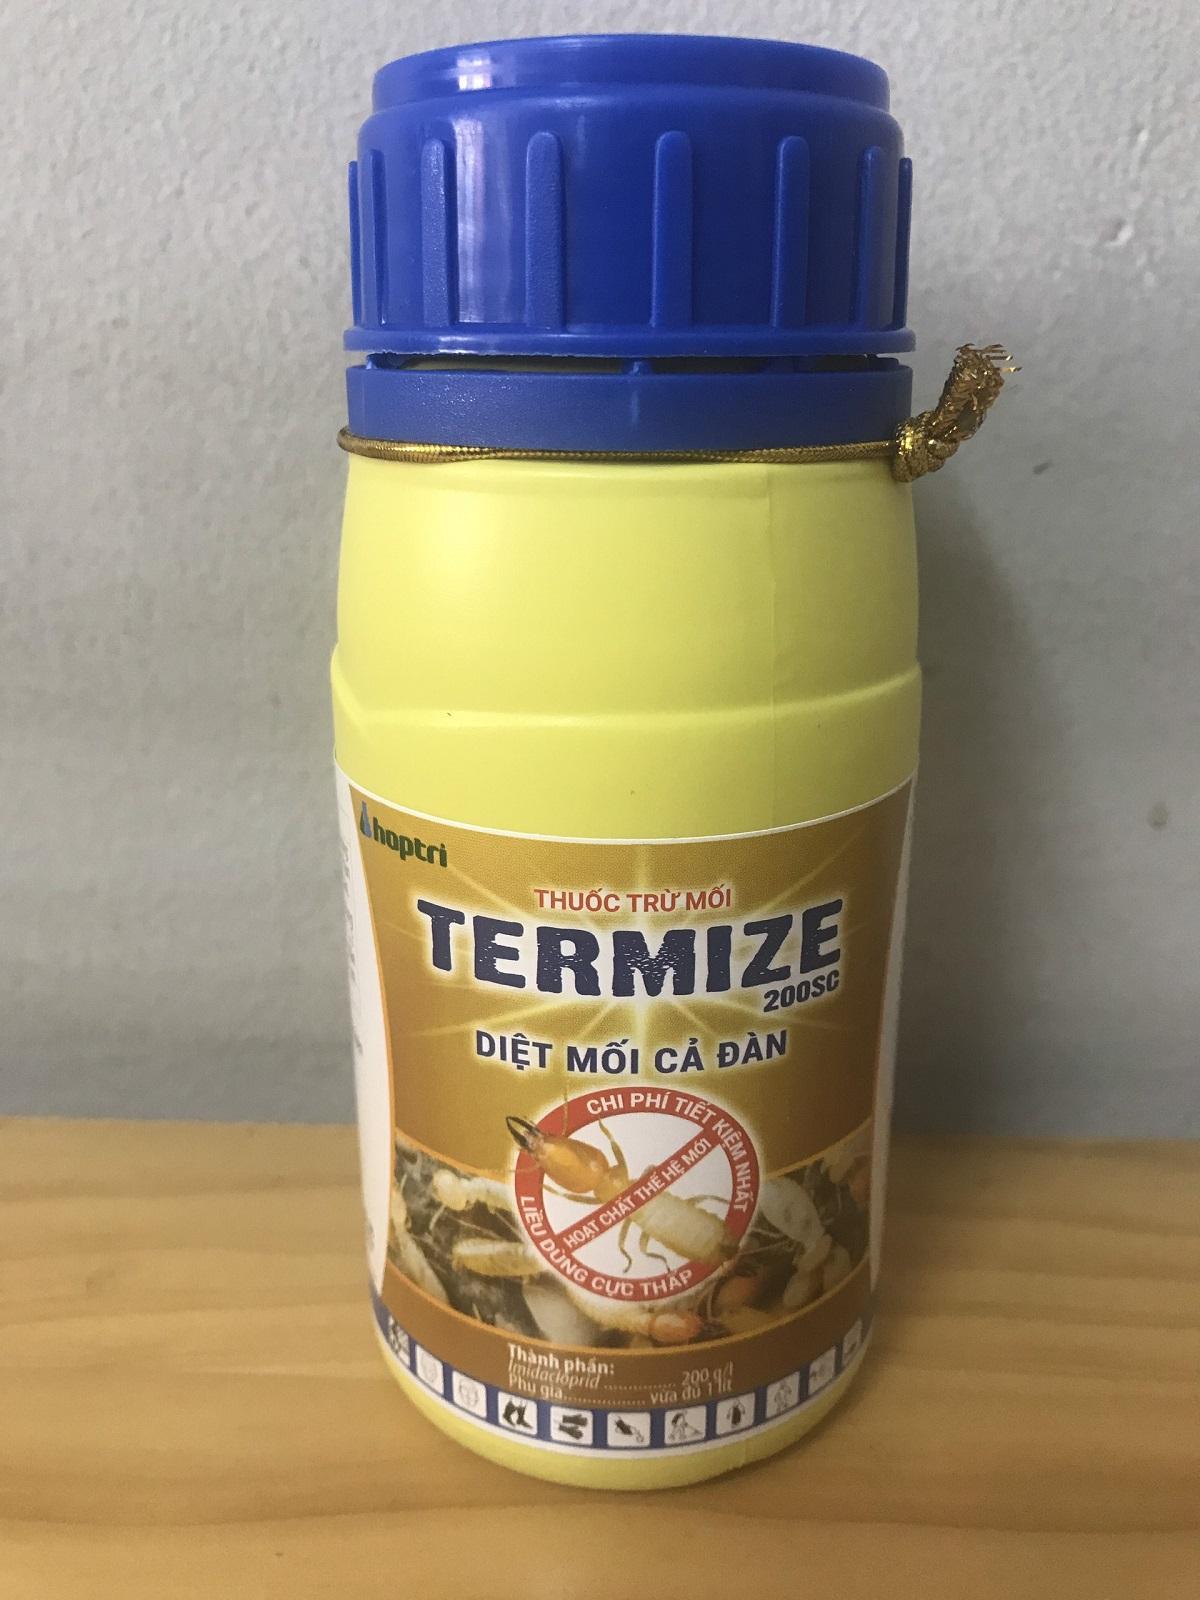 Thuốc diệt mối termize 200sc chính hãng